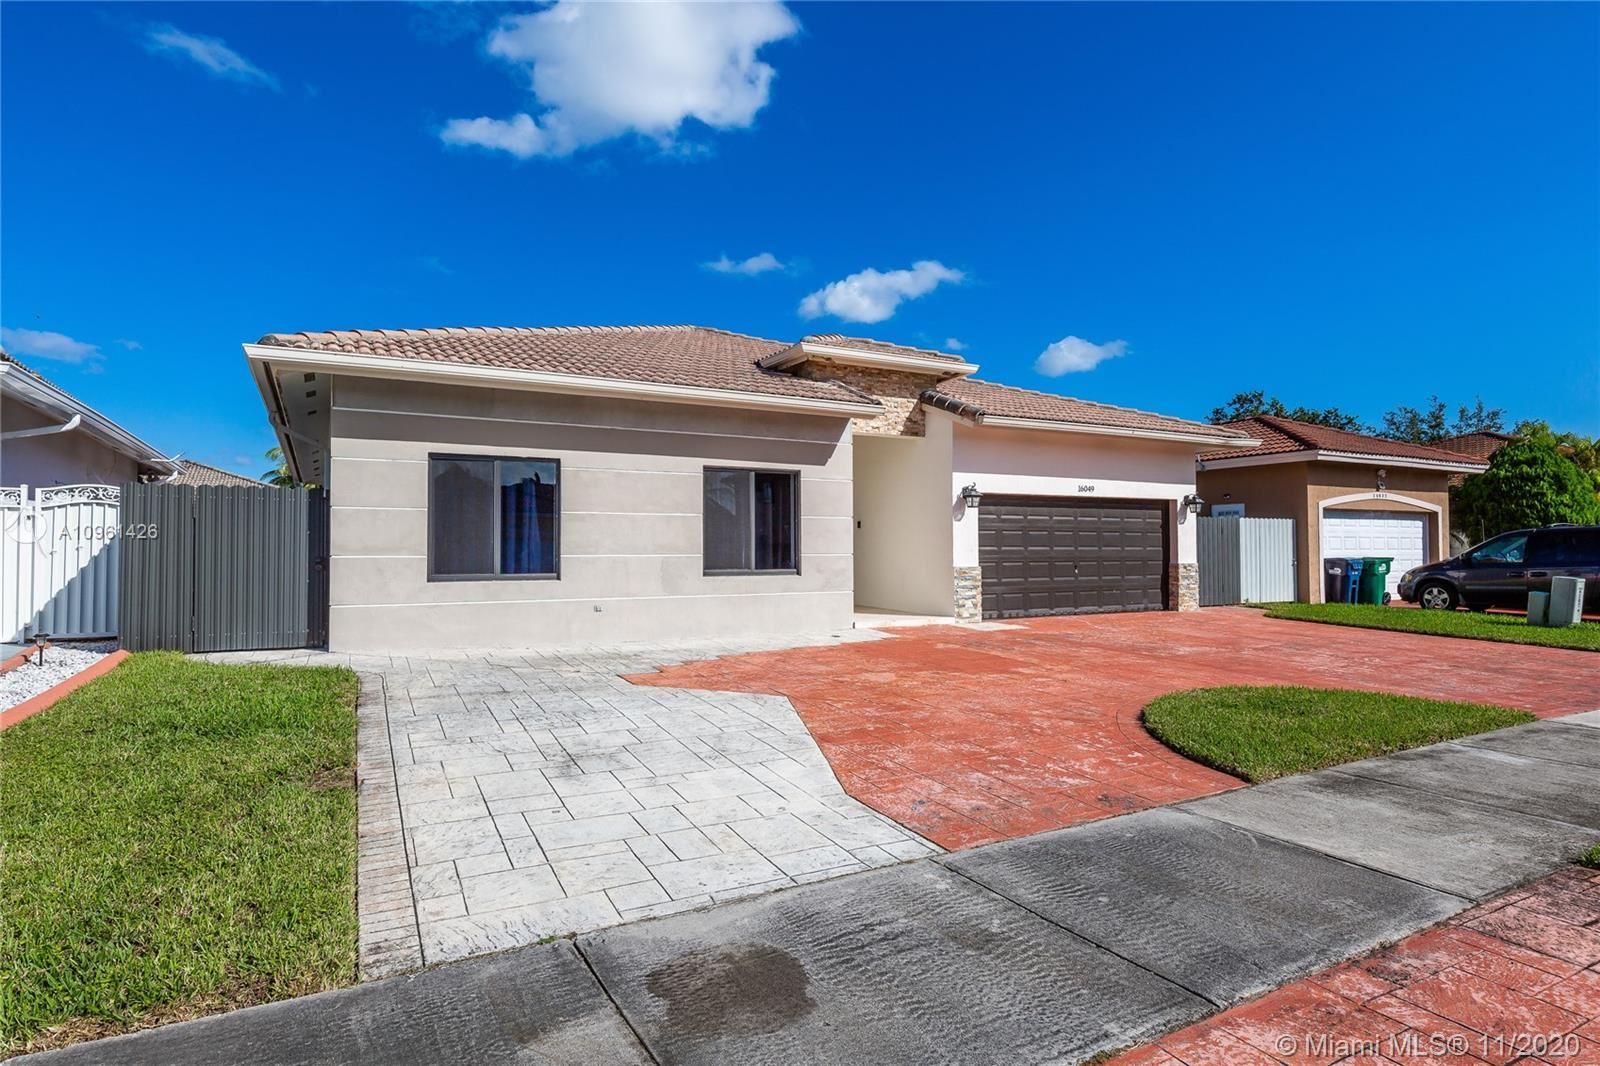 16049 SW 143rd Ln, Miami, FL 33196 - #: A10961426